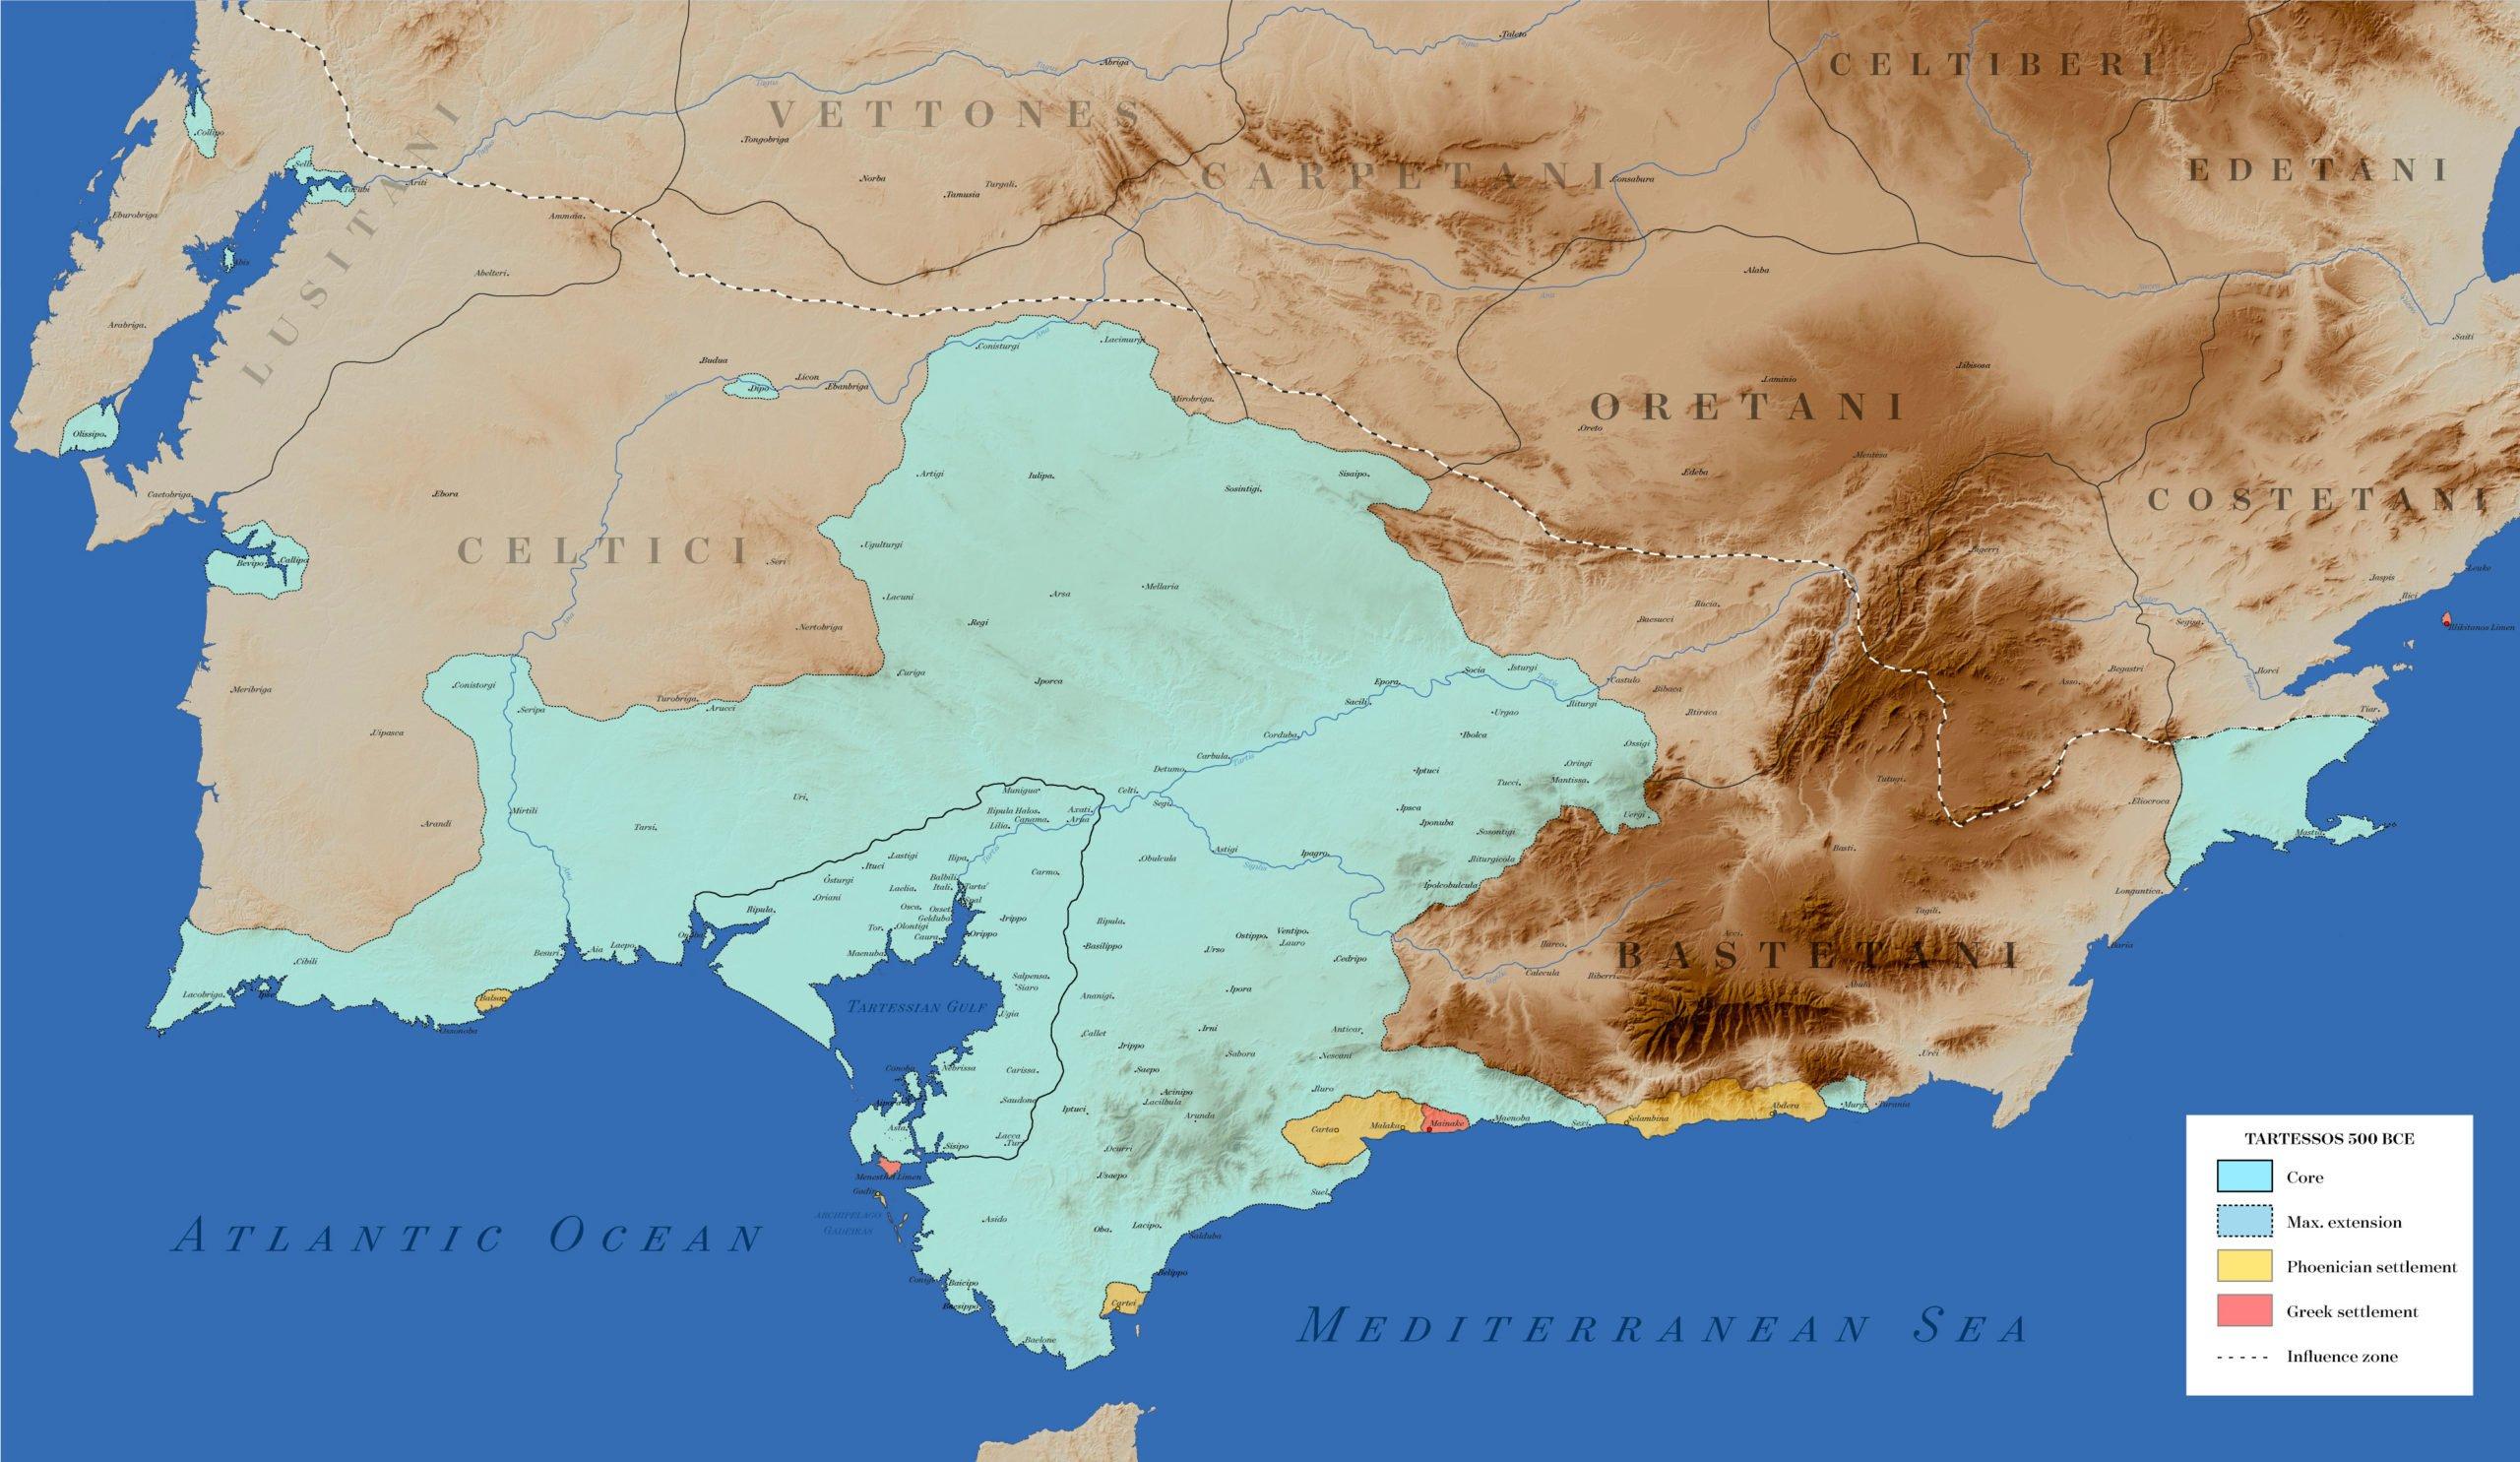 Mapa de Situación. En Azul celeste, situación del Reino de Tartessos hacia el siglo V a.C. En Rojo Asentamientos Griegos y en color Amarillo asentamientos Fenicios.  Su zona de influencia está delimitada por la linea a franjas blancas y negras.  Fuente del Mapa Wikimedia.